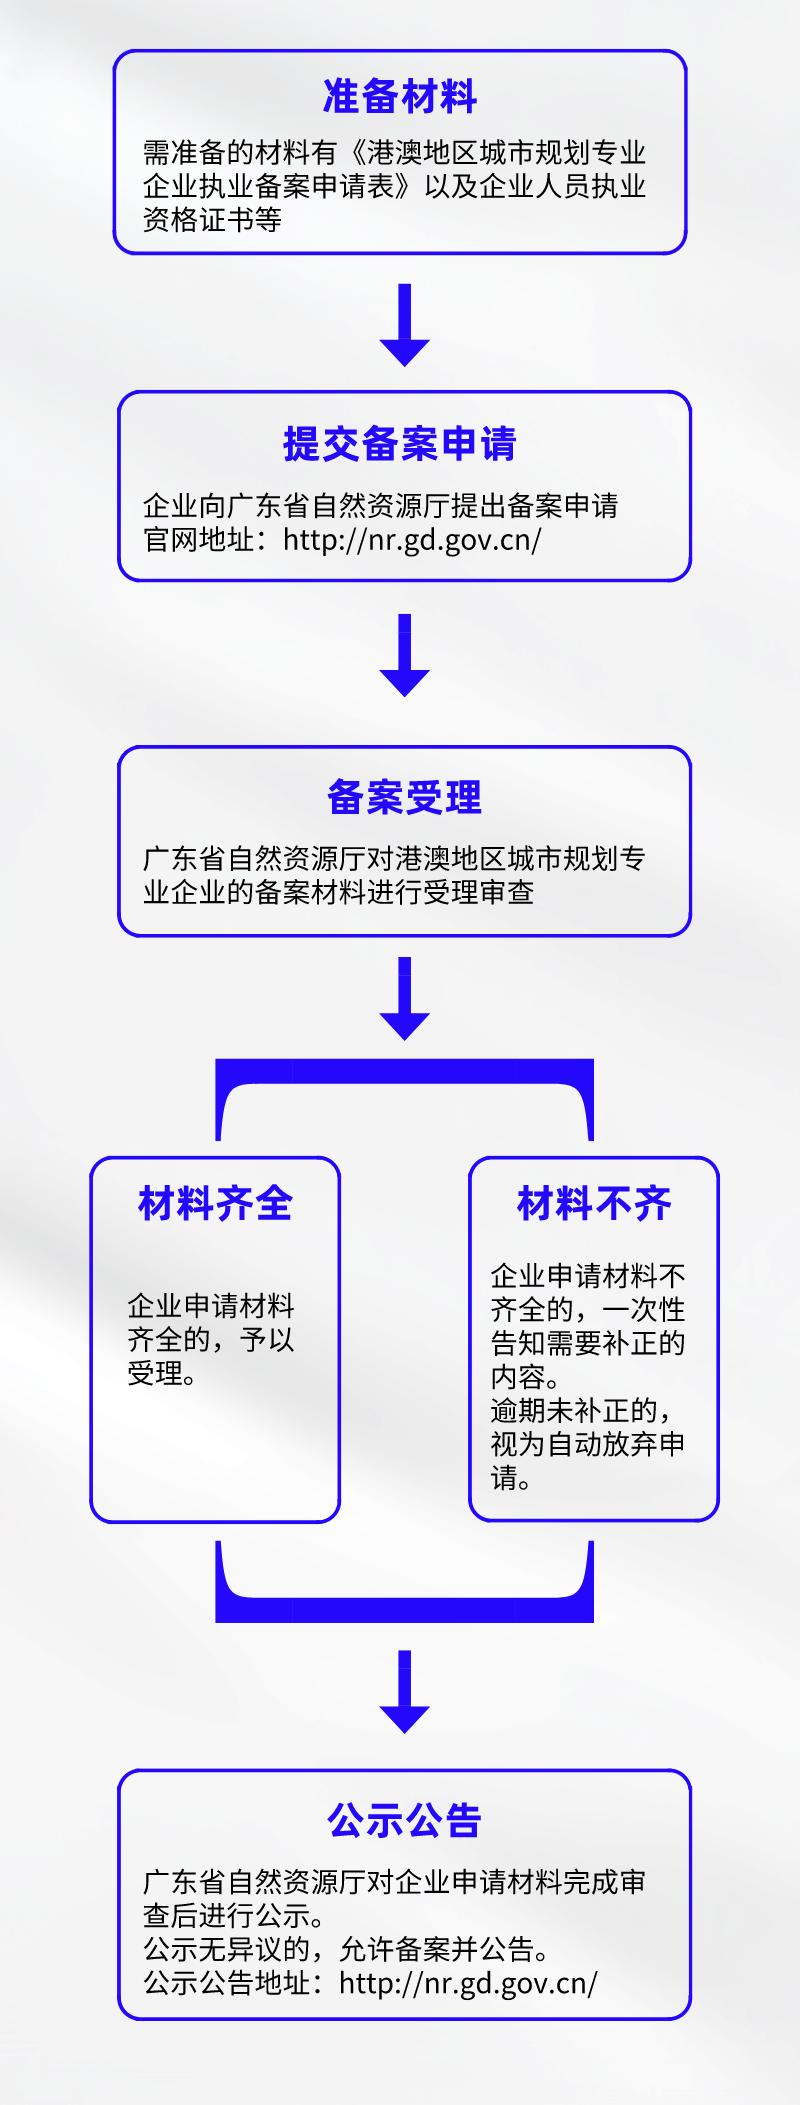 默认标题_自定义px_2021-09-02+15_10_35.png